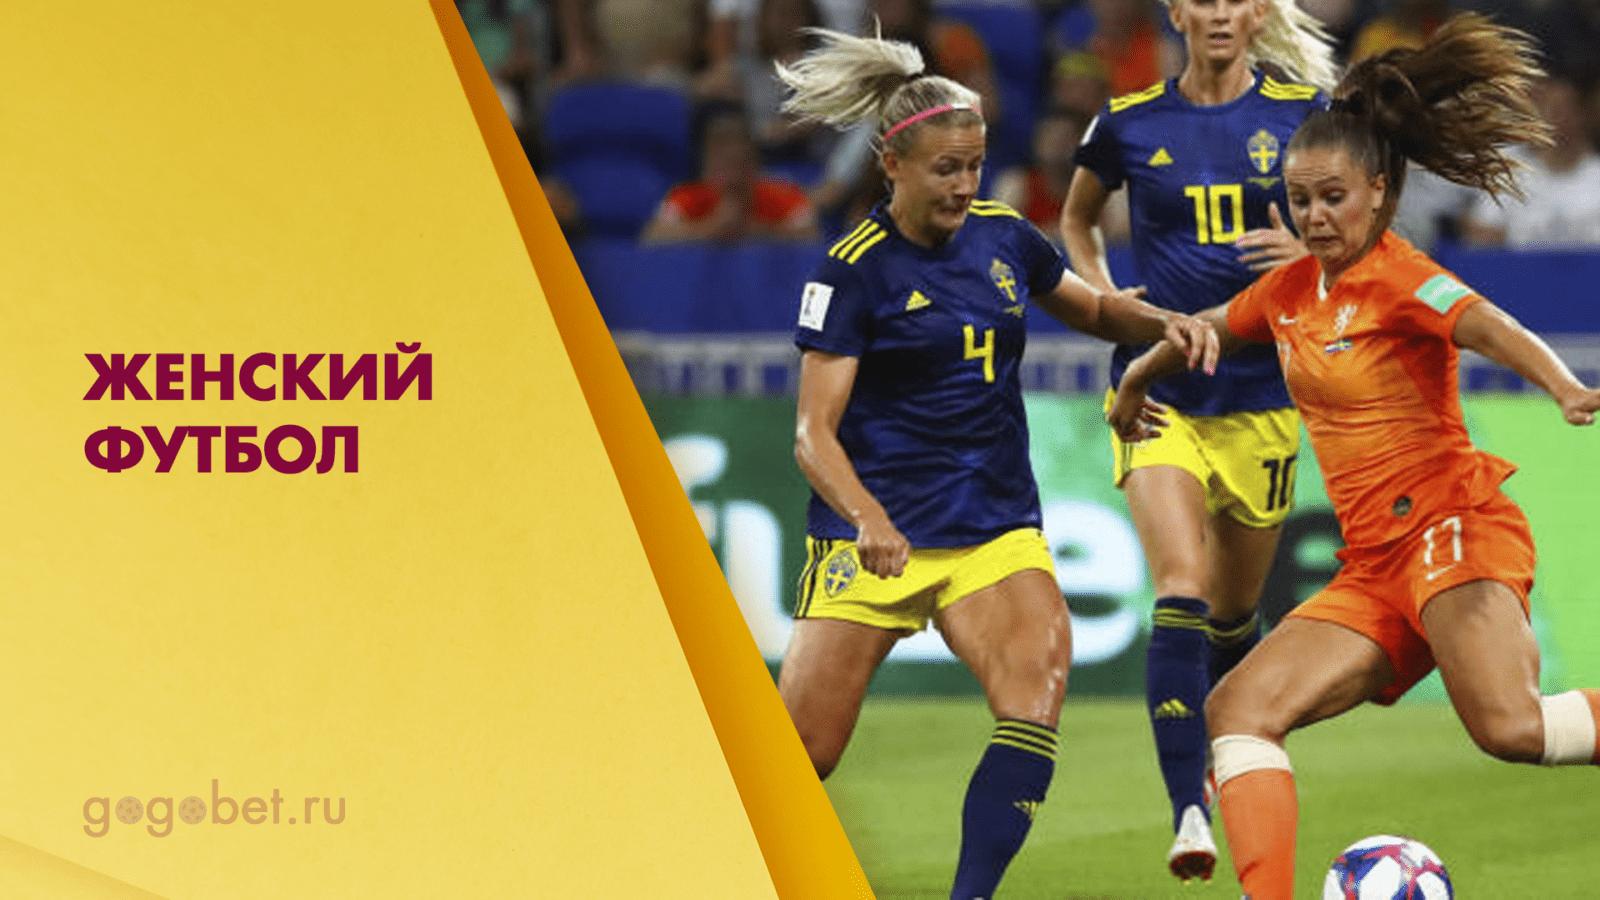 Правила женского футбола